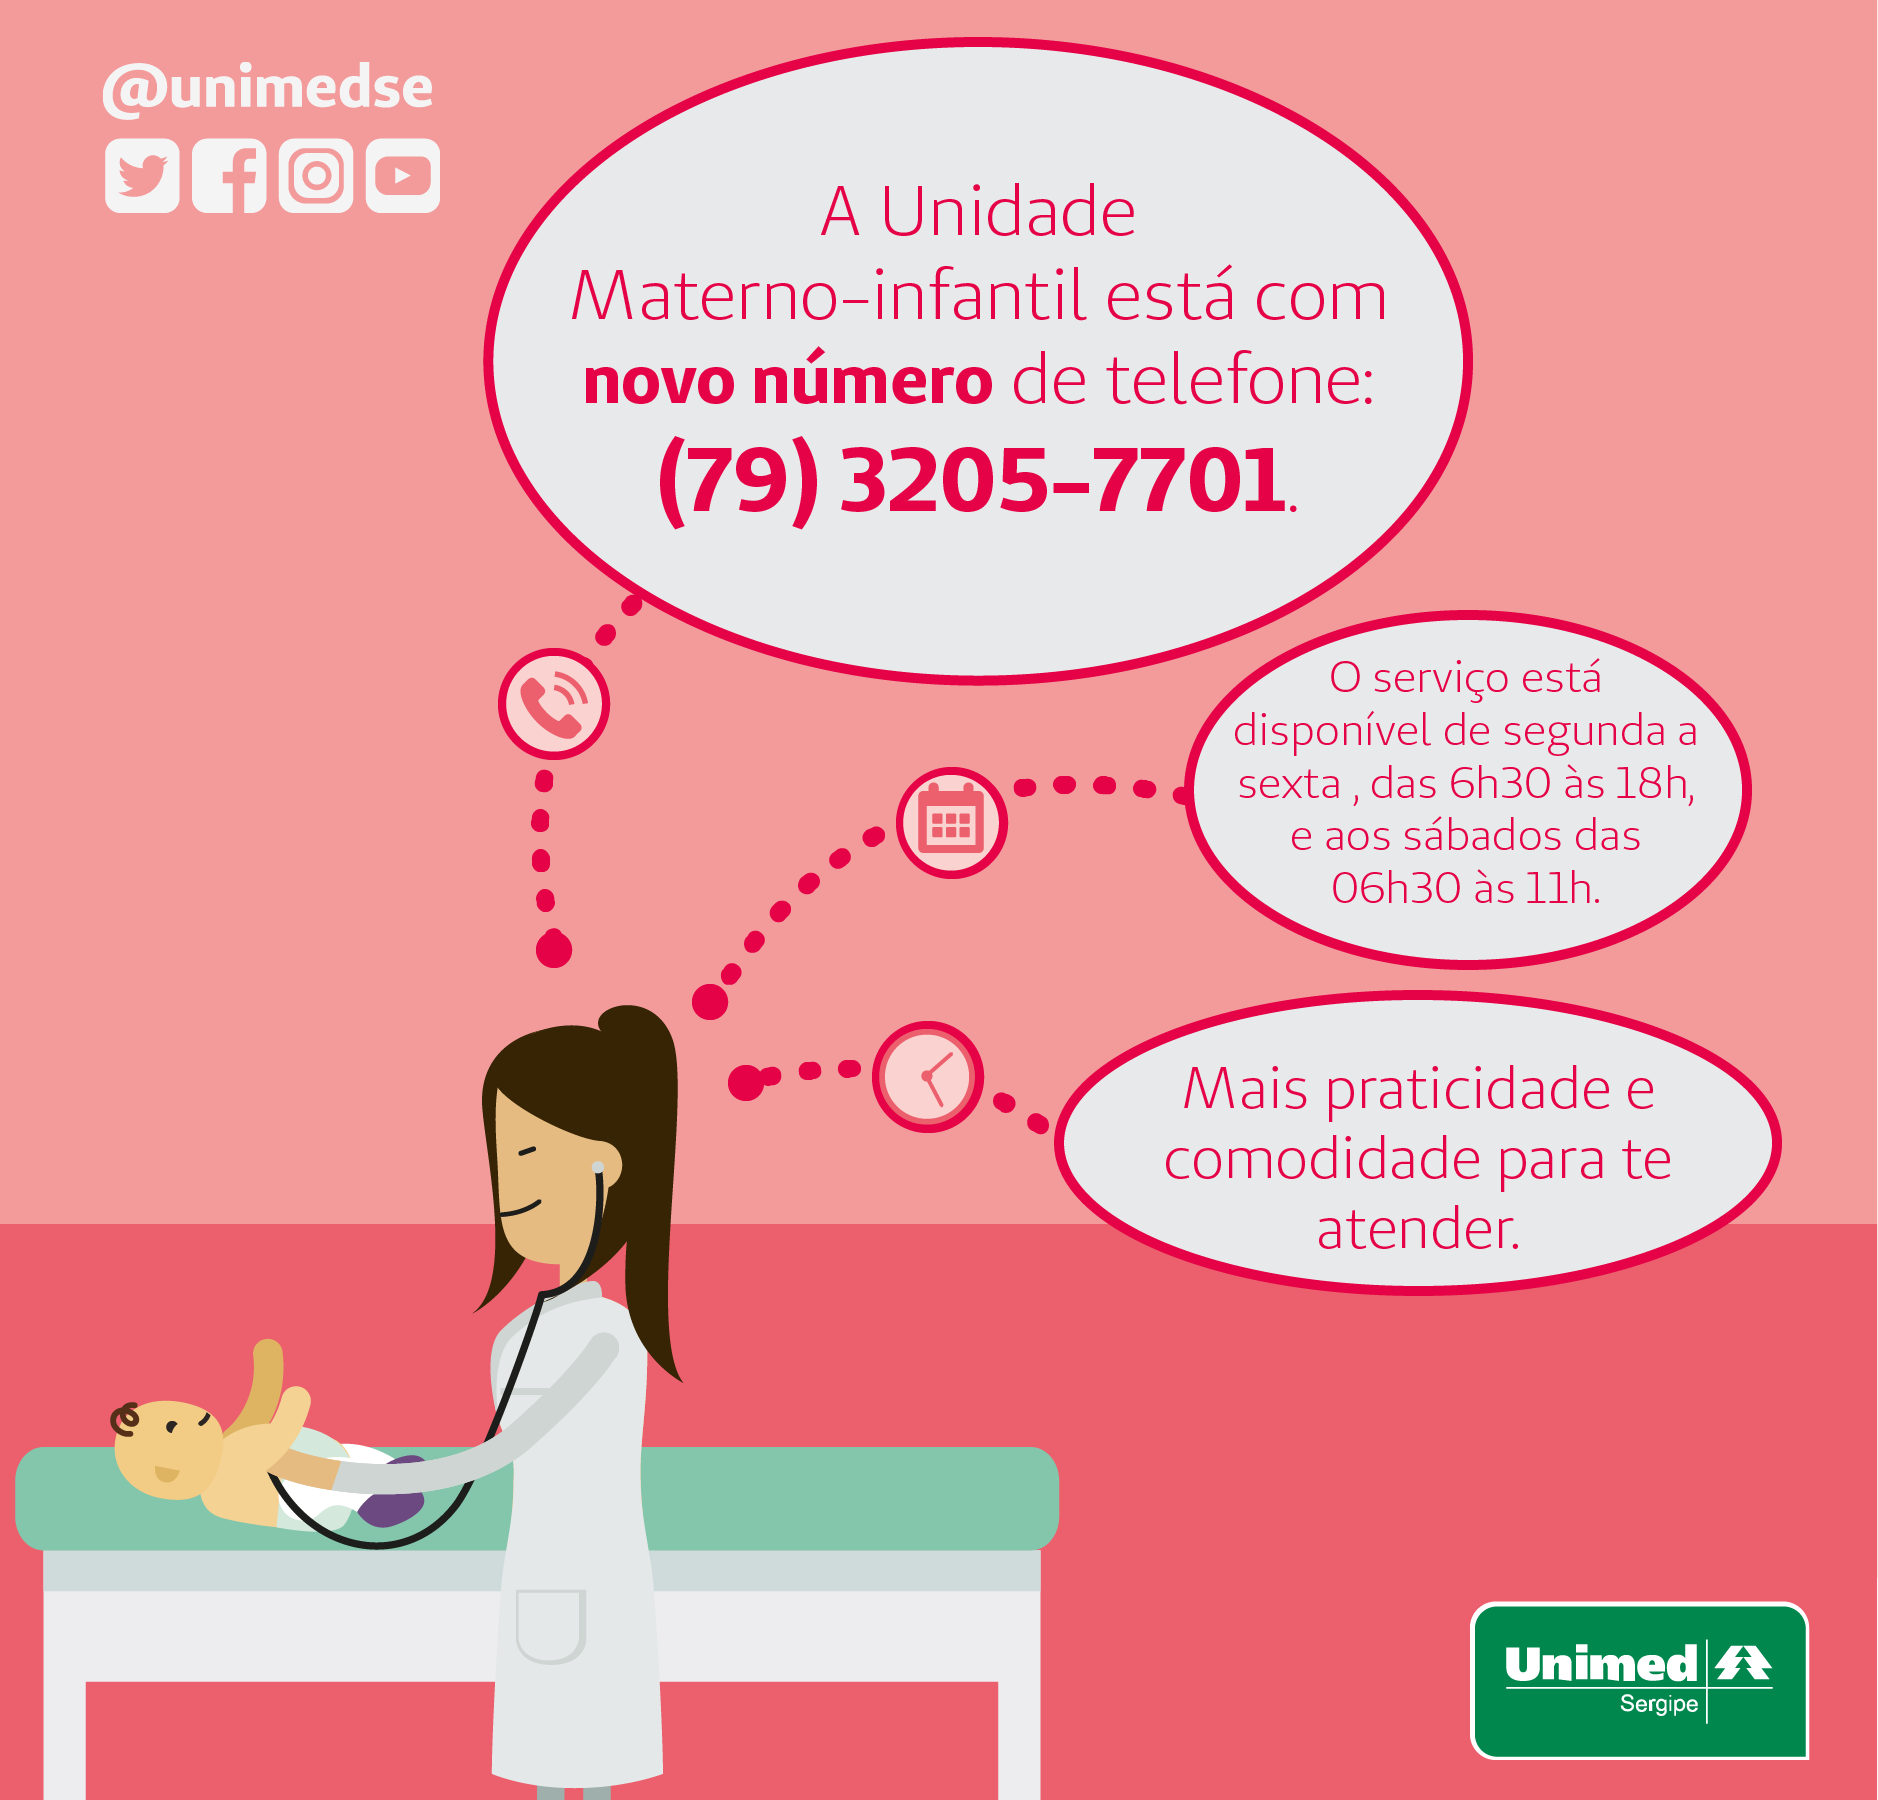 NOVO TELEFONE DA MATERNO-INFANTIL.png